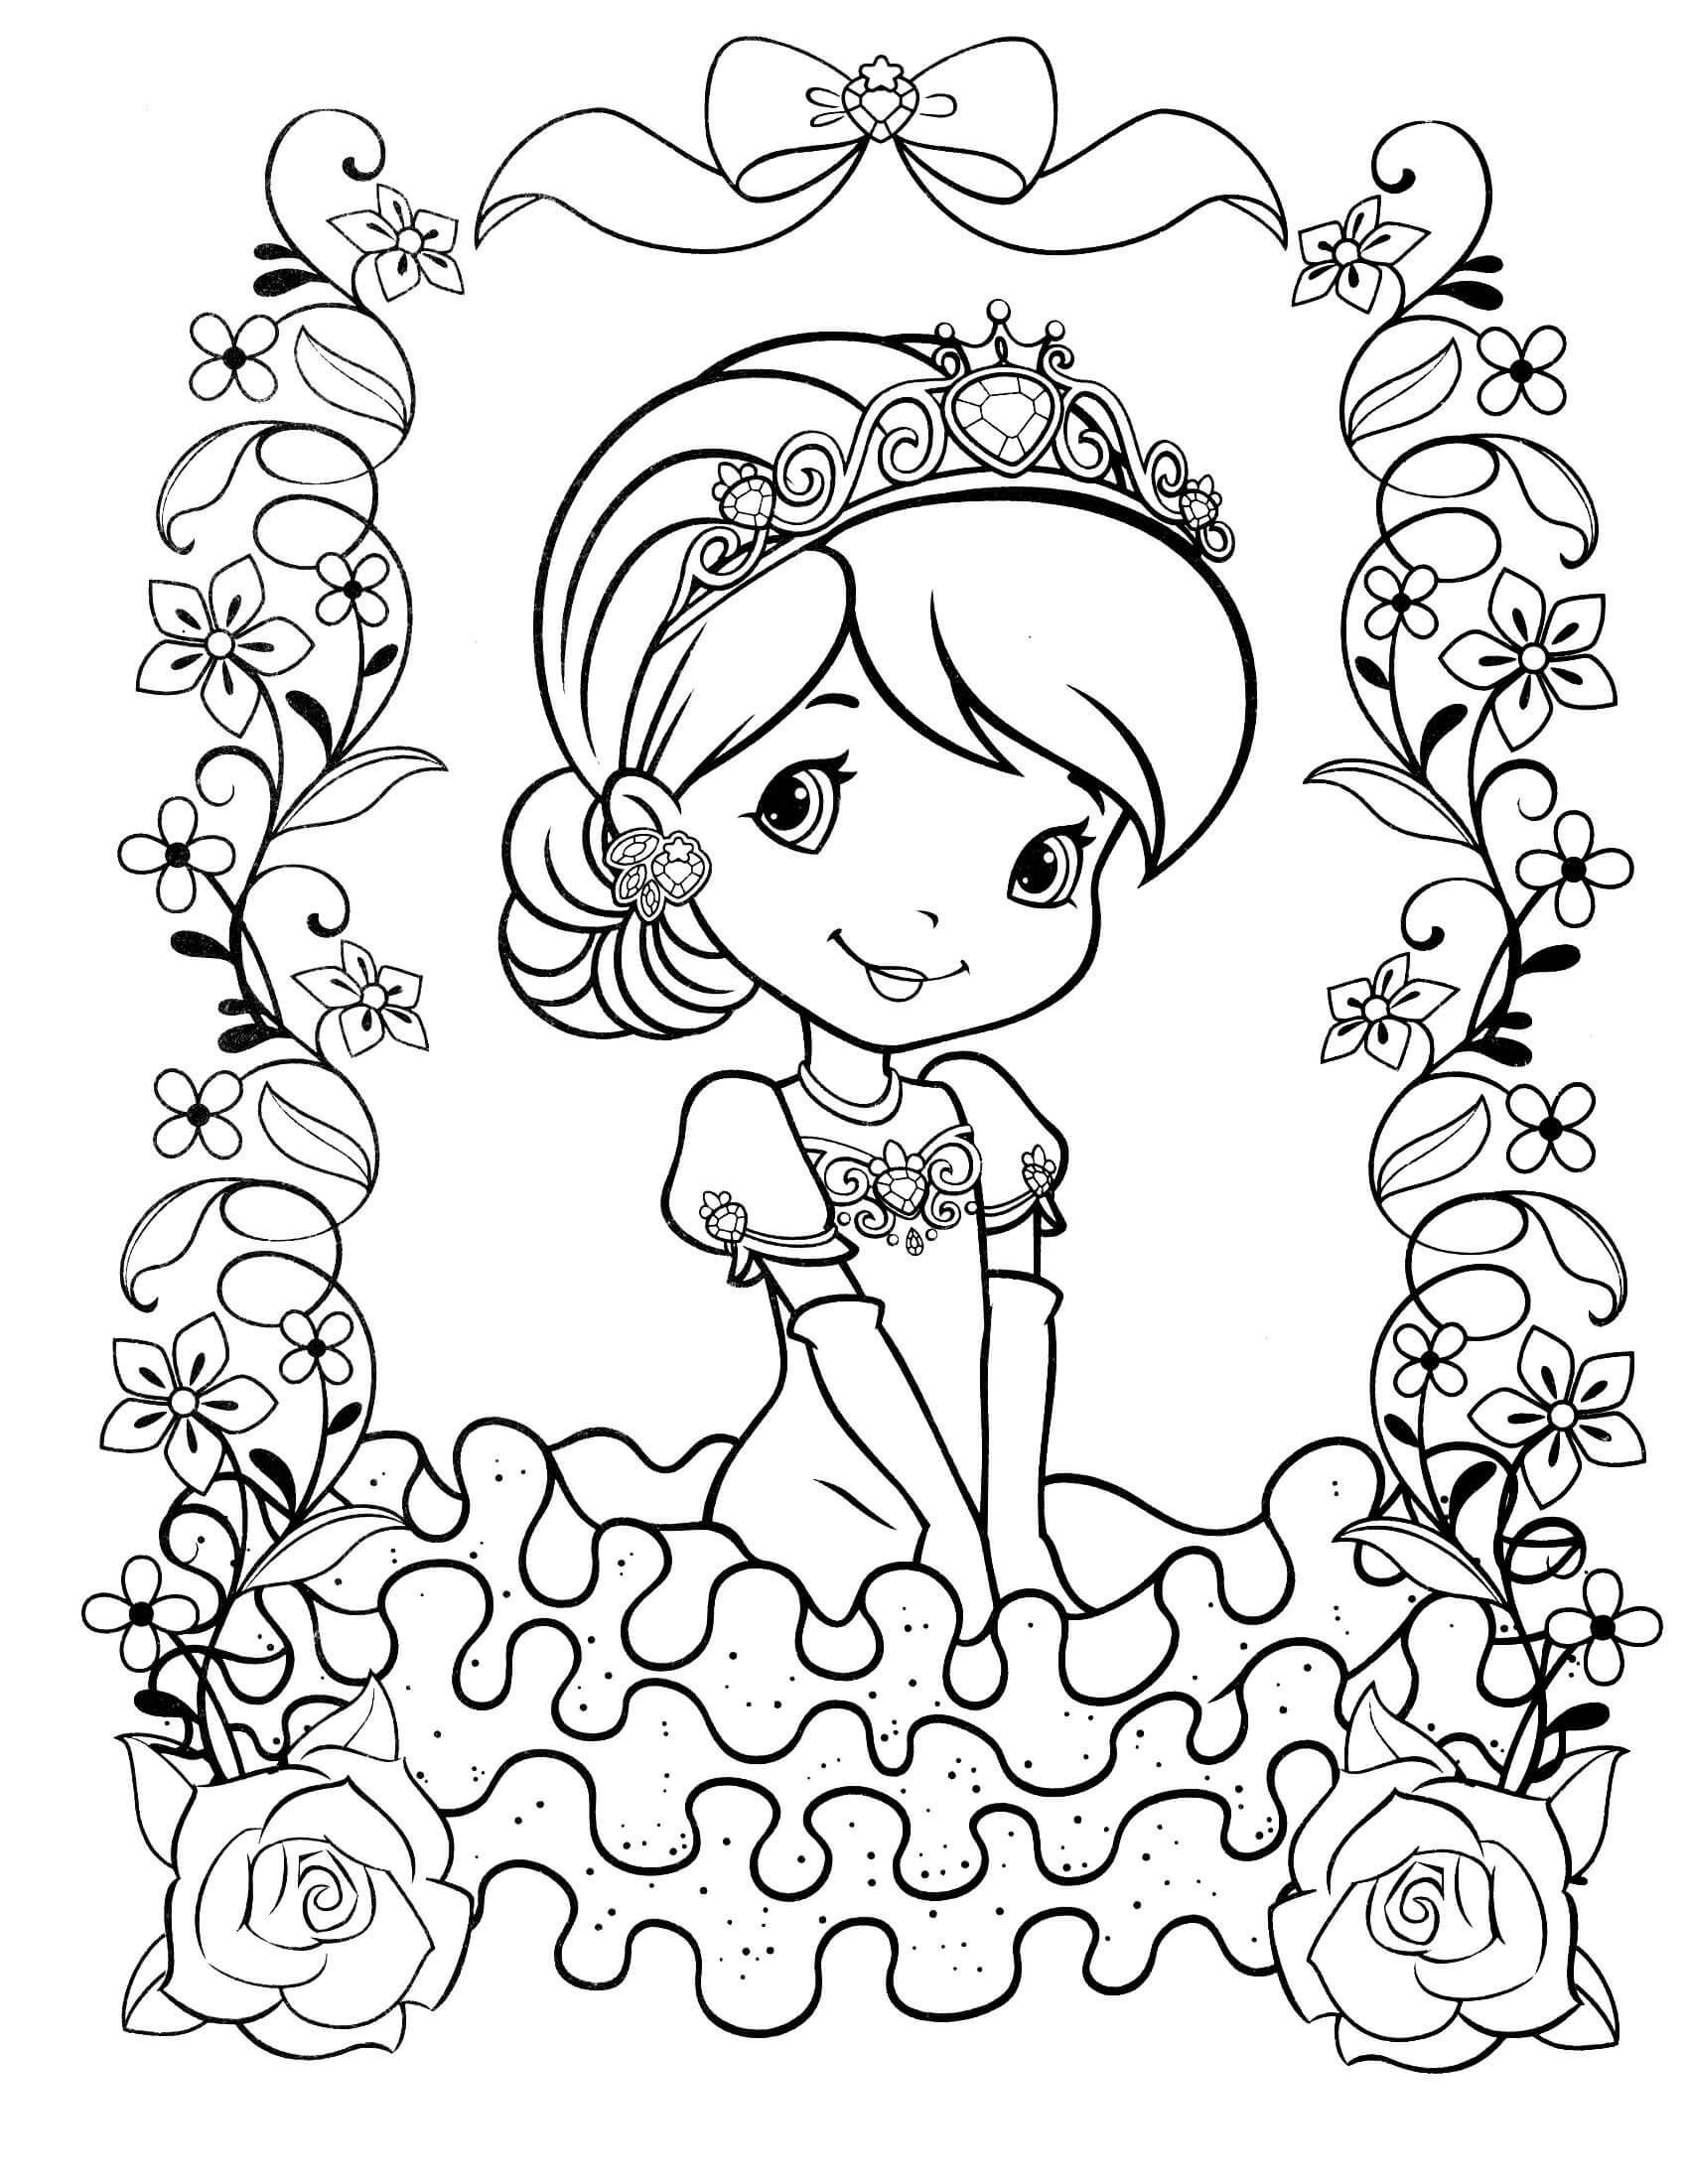 Раскраска Принцесса в цветочках